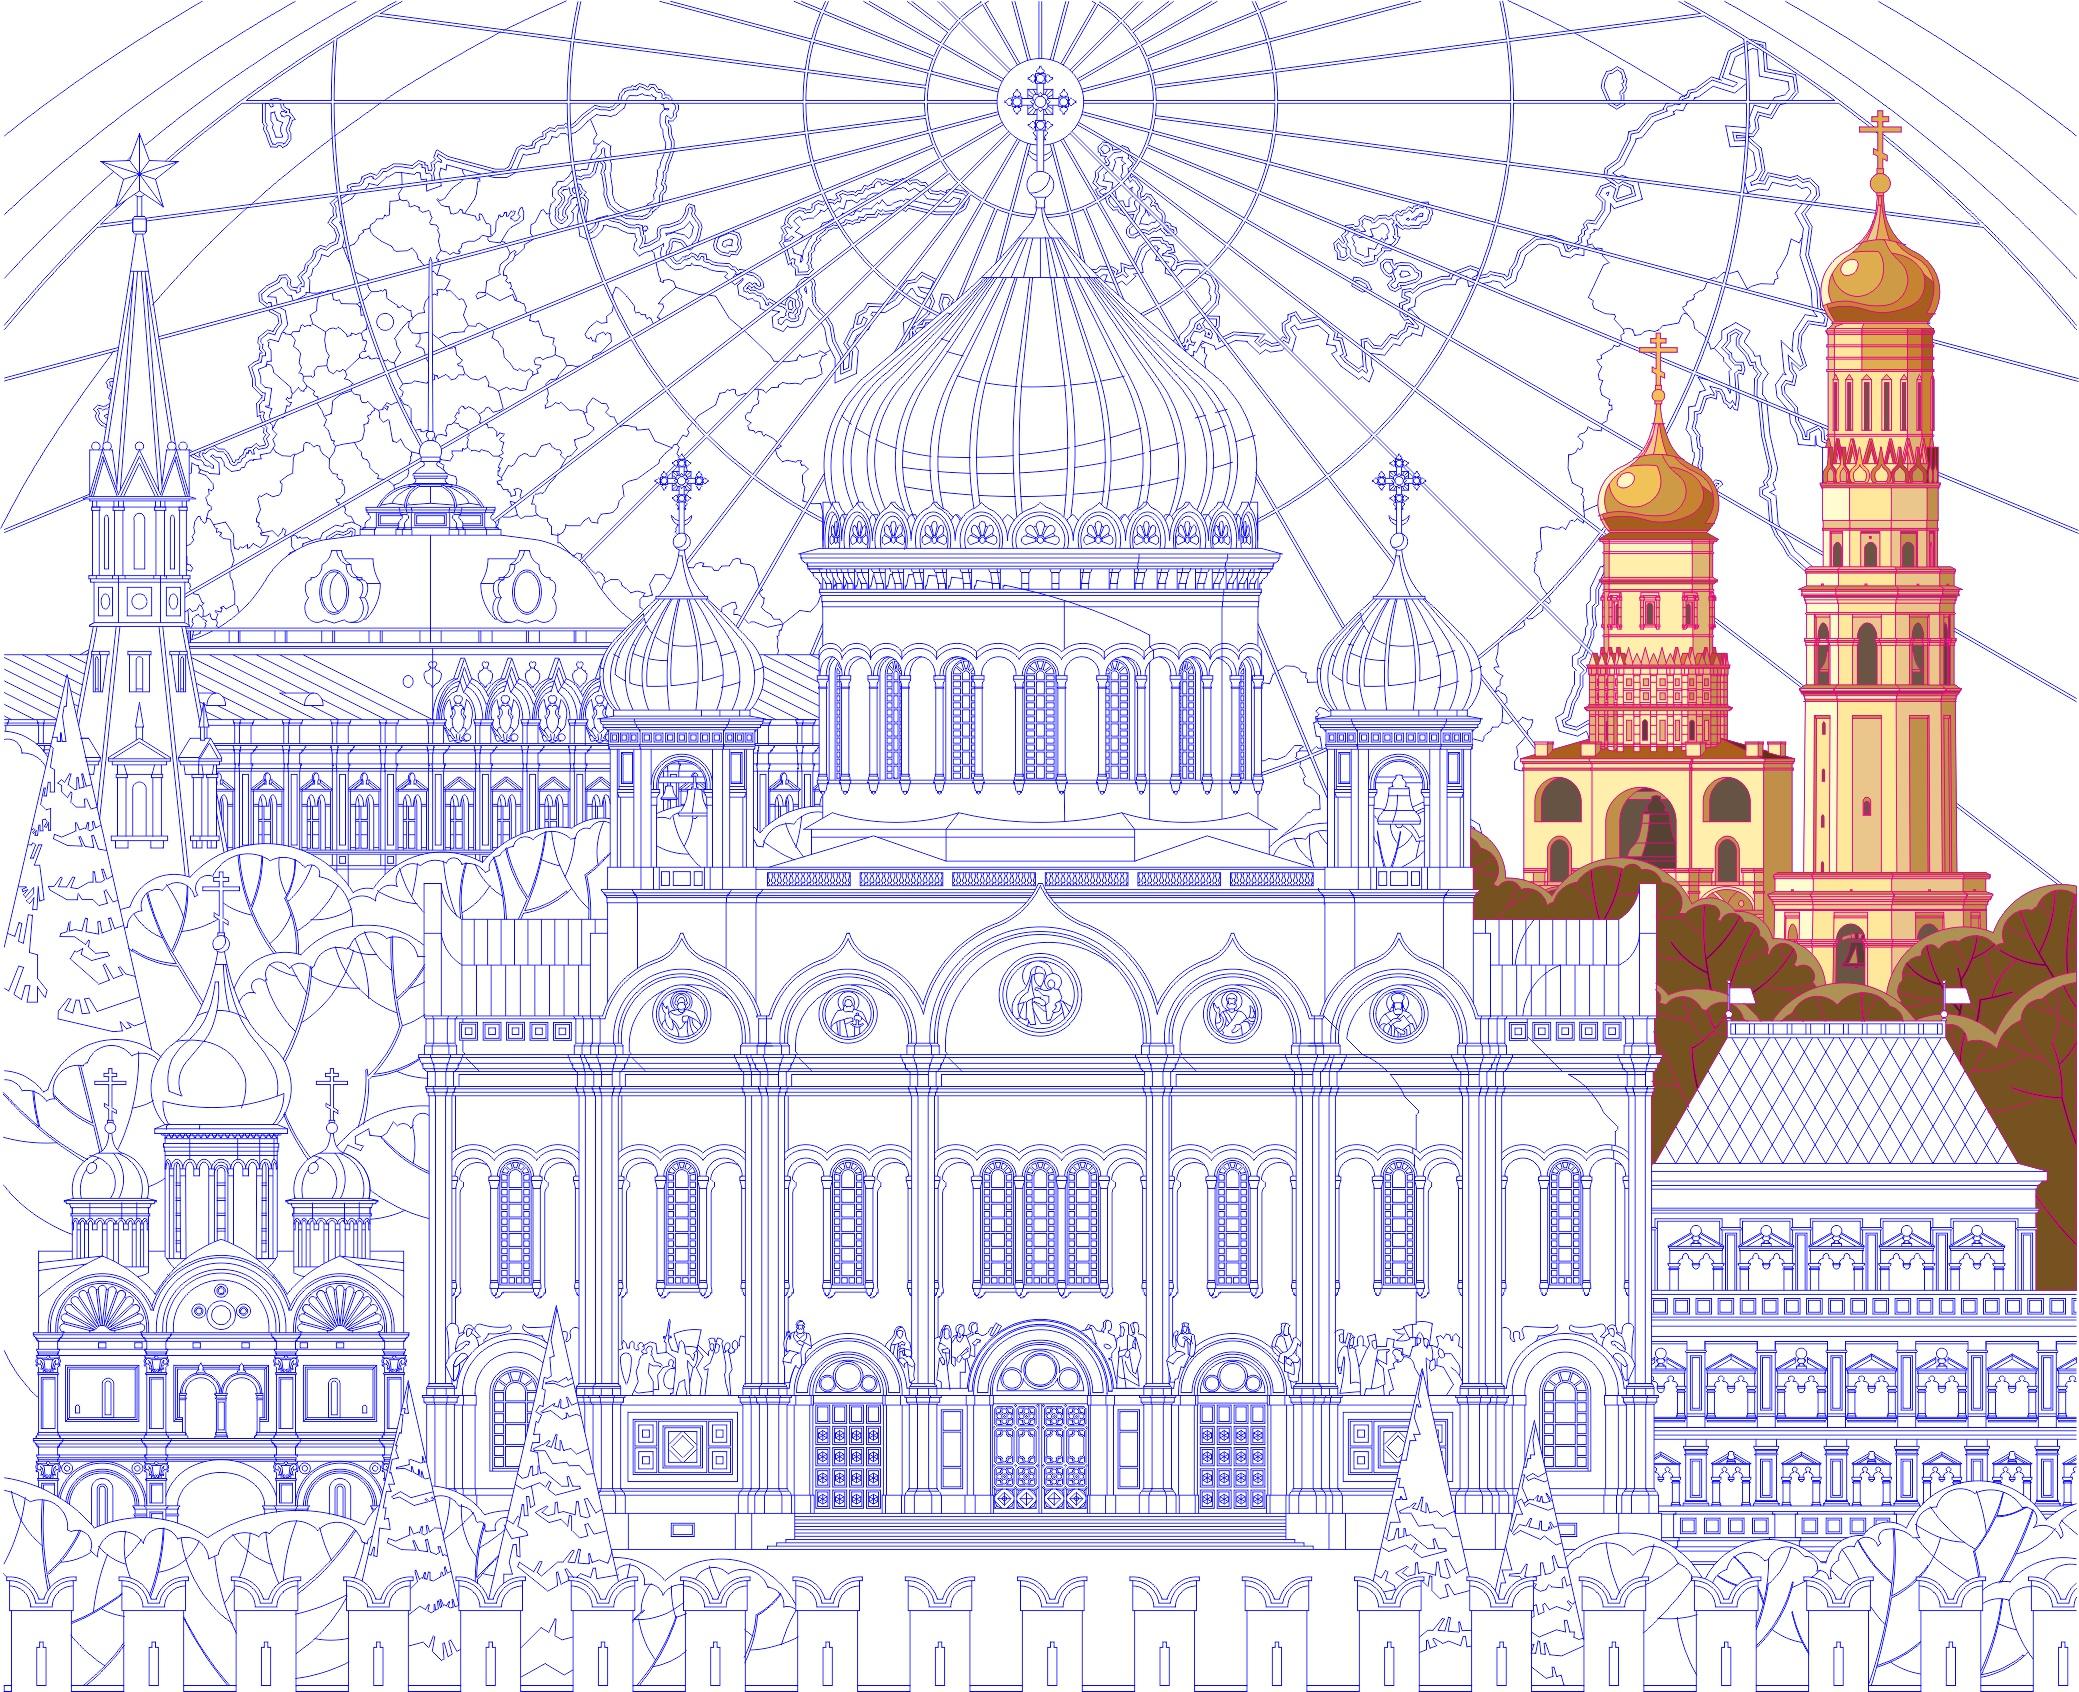 Отрисовка с растра. Переговорная в Кремле. Формат 3 х 2,75 м